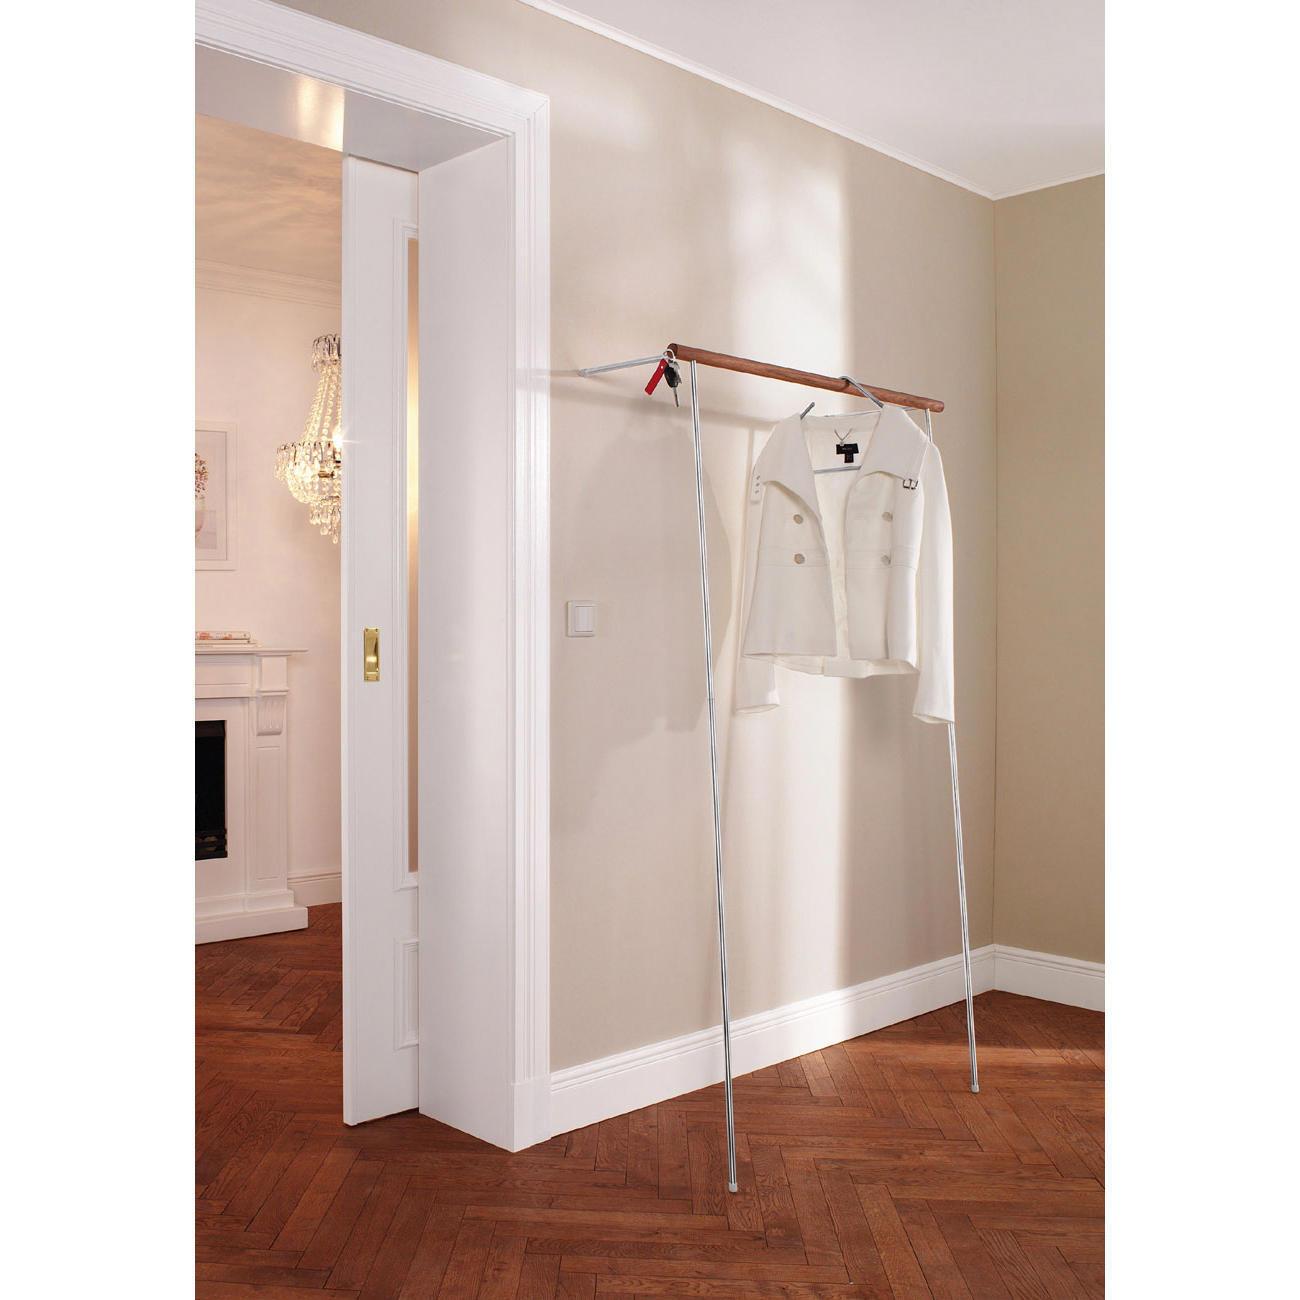 Garderobe zum anlehnen 3 jahre garantie pro idee - Garderobe idee ...